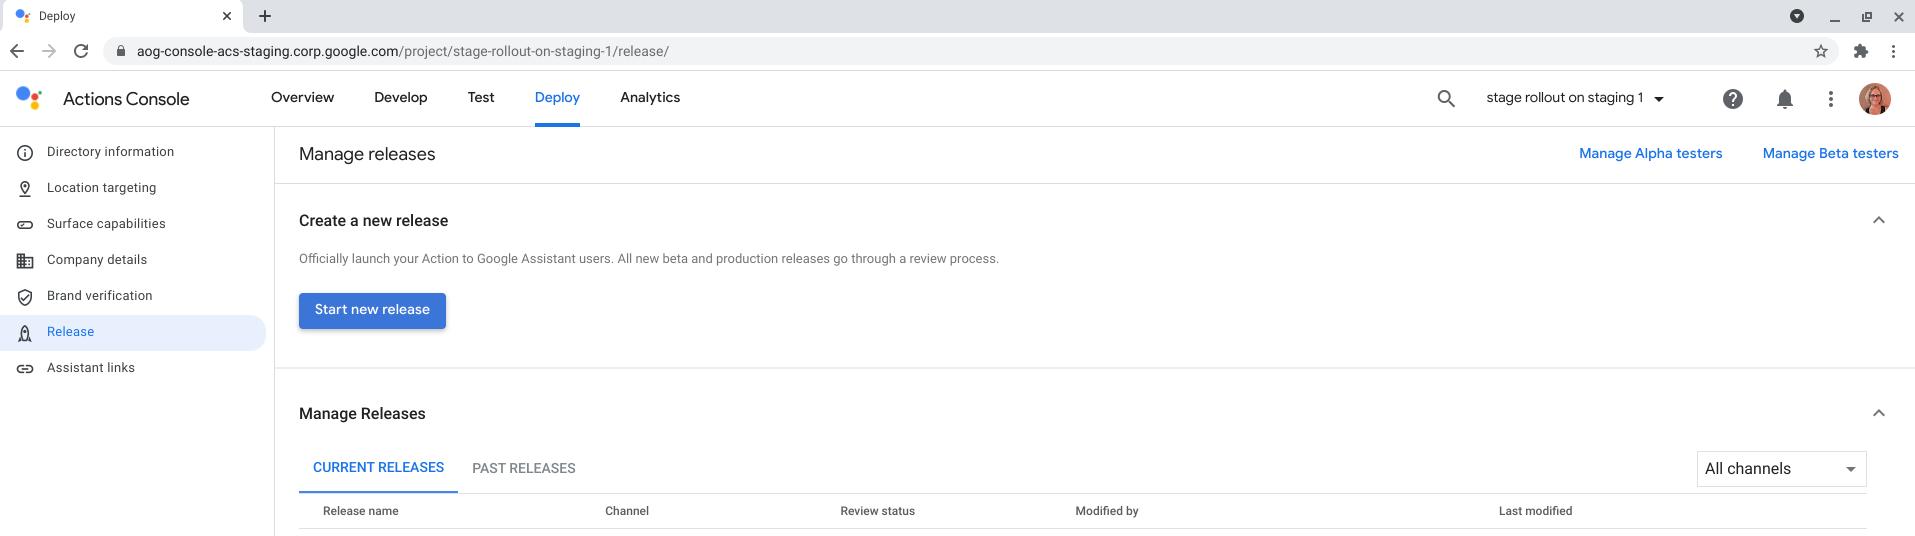 Screenshot of Start new release